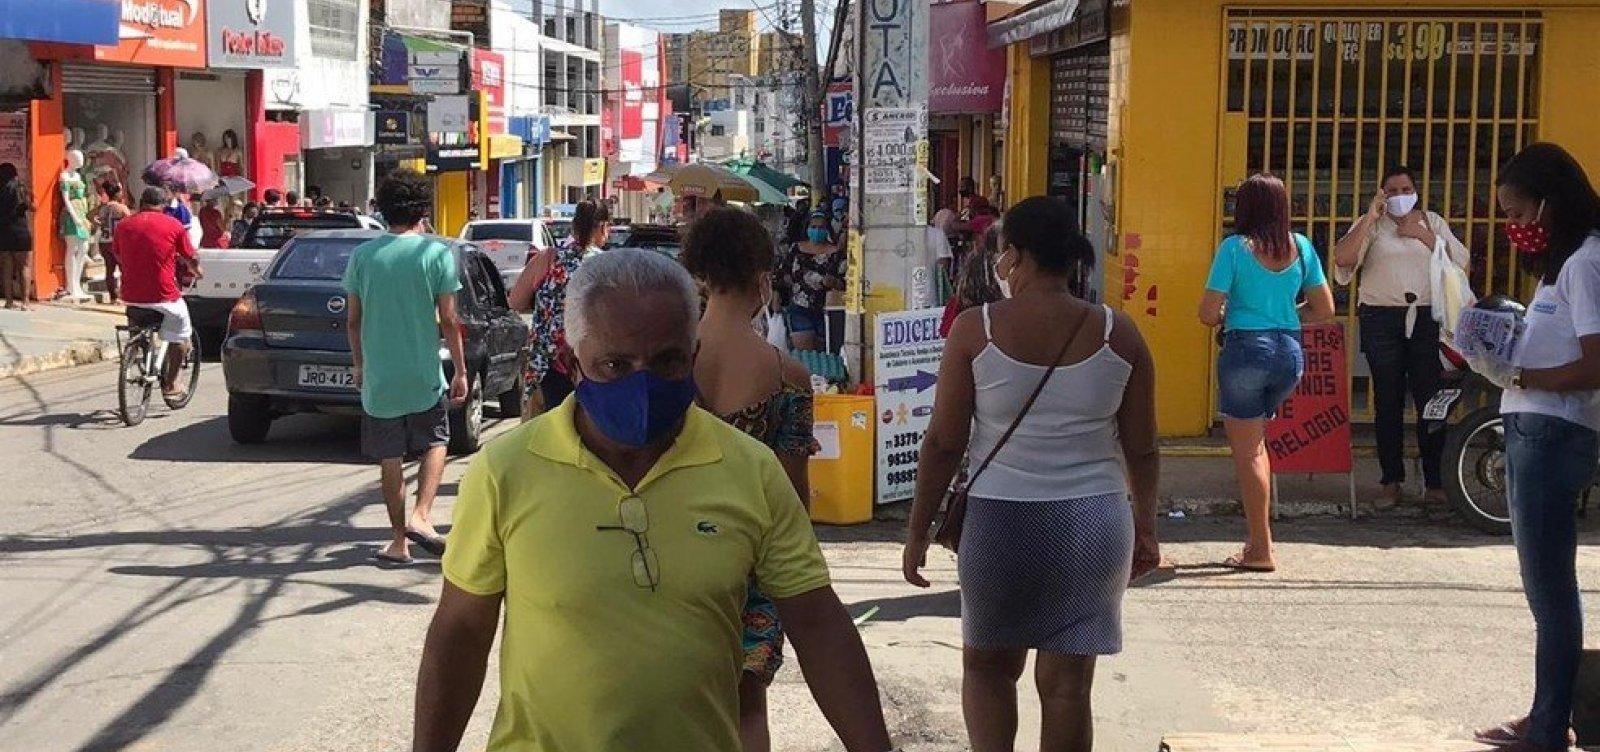 [Lauro de Freitas inicia fase 2 de retomada; restaurantes e academias ficam autorizados a funcionar]